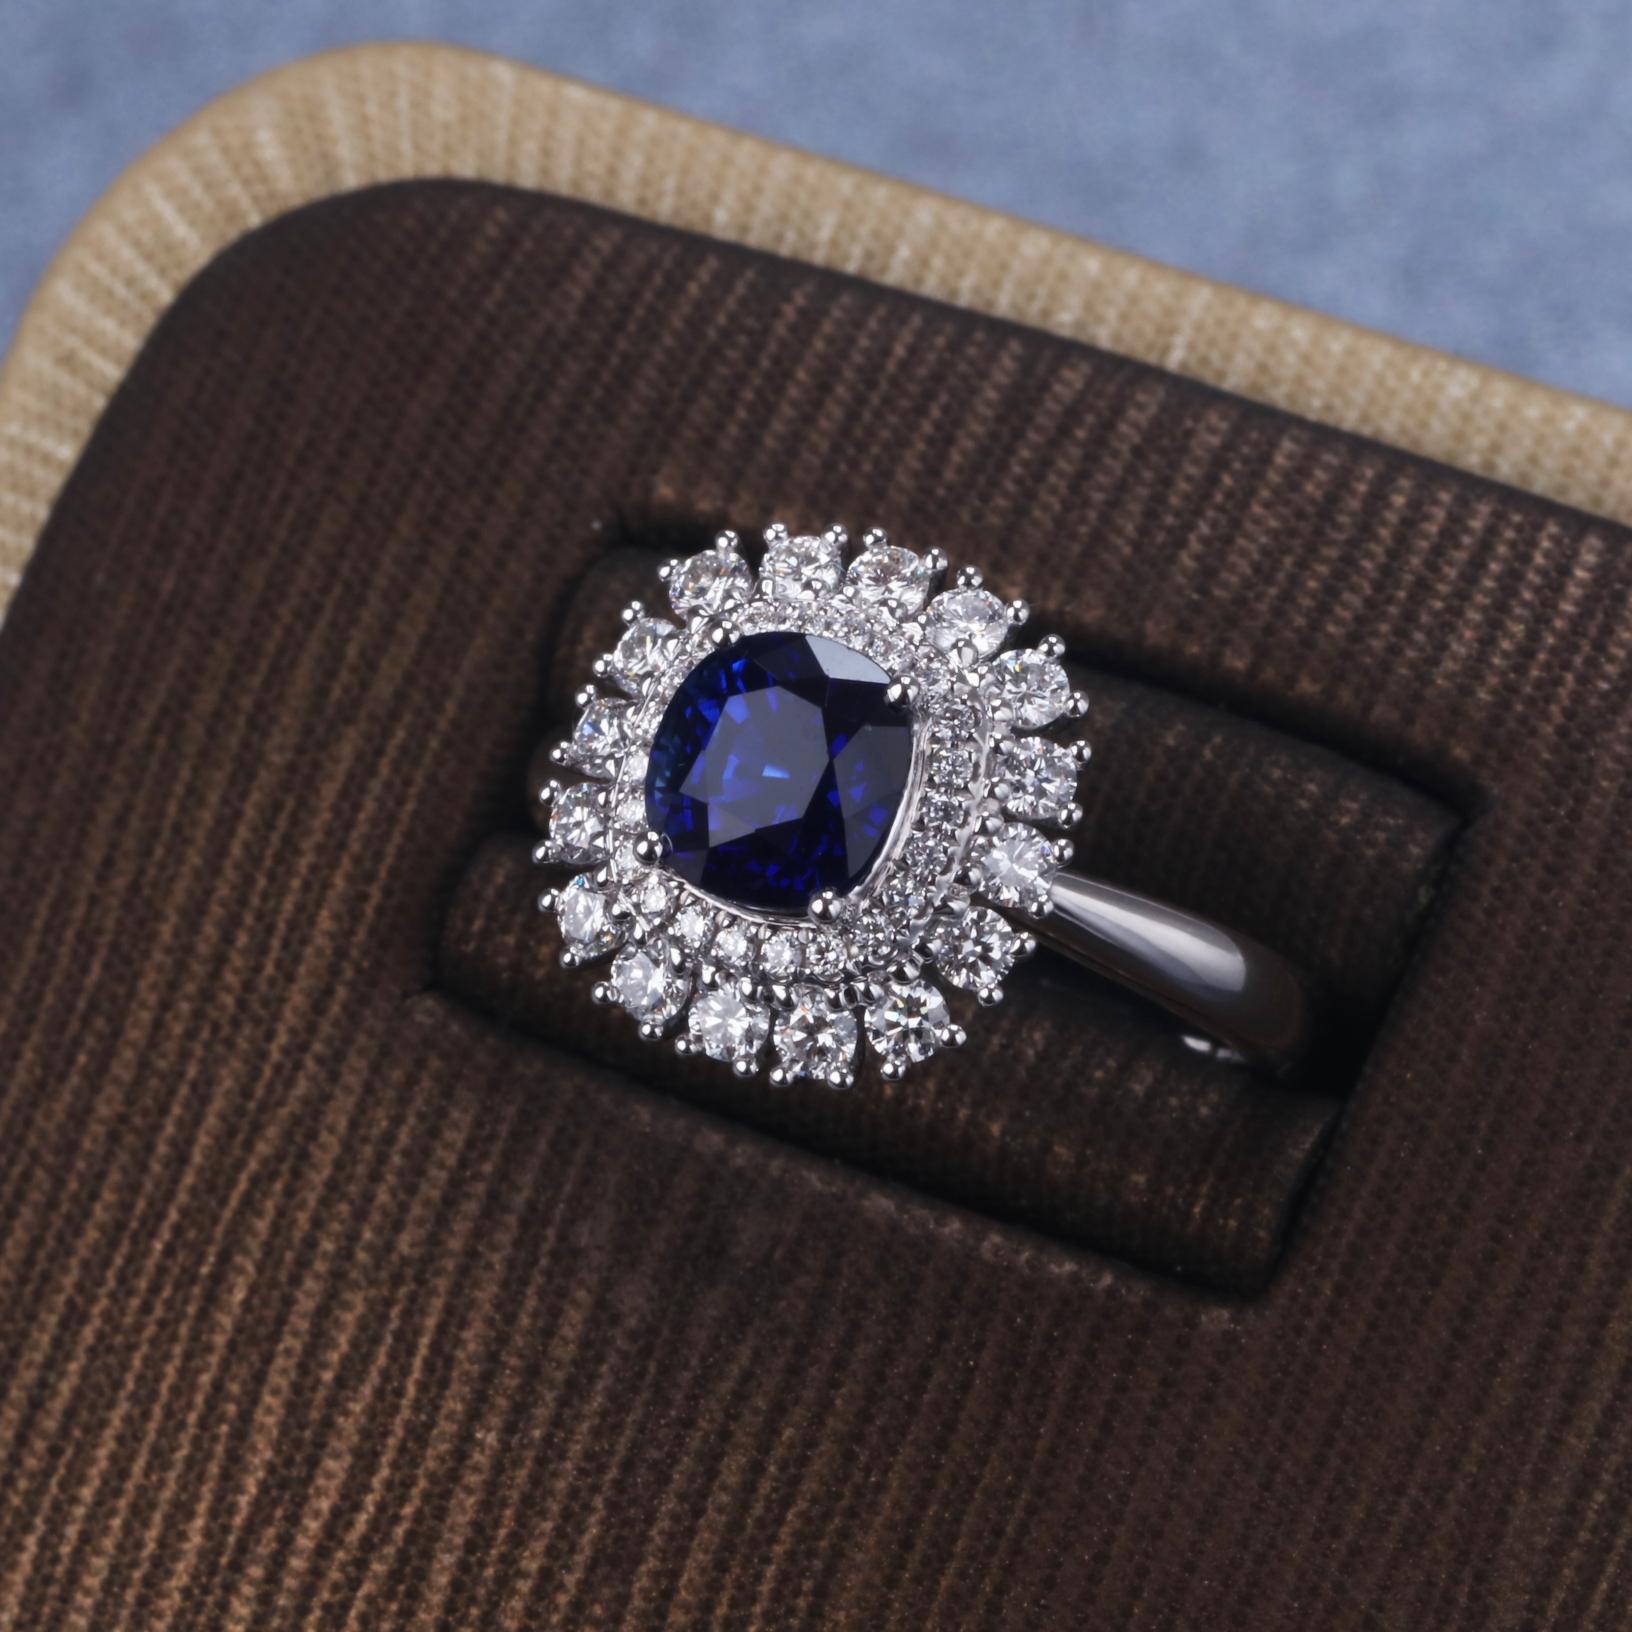 【戒指】18k金+蓝宝石+钻石  宝石颜色纯正 货重:5.14g  主石:1.78ct  手寸:14